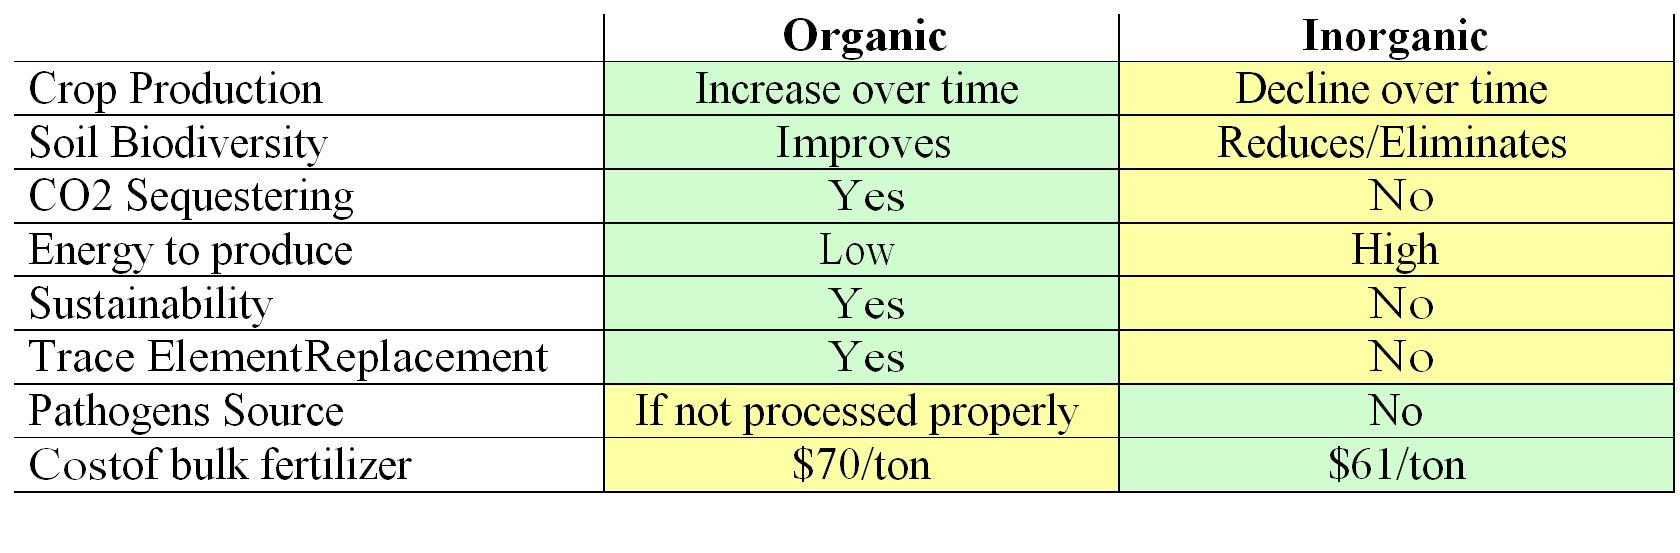 organic vs inorganic foods essay